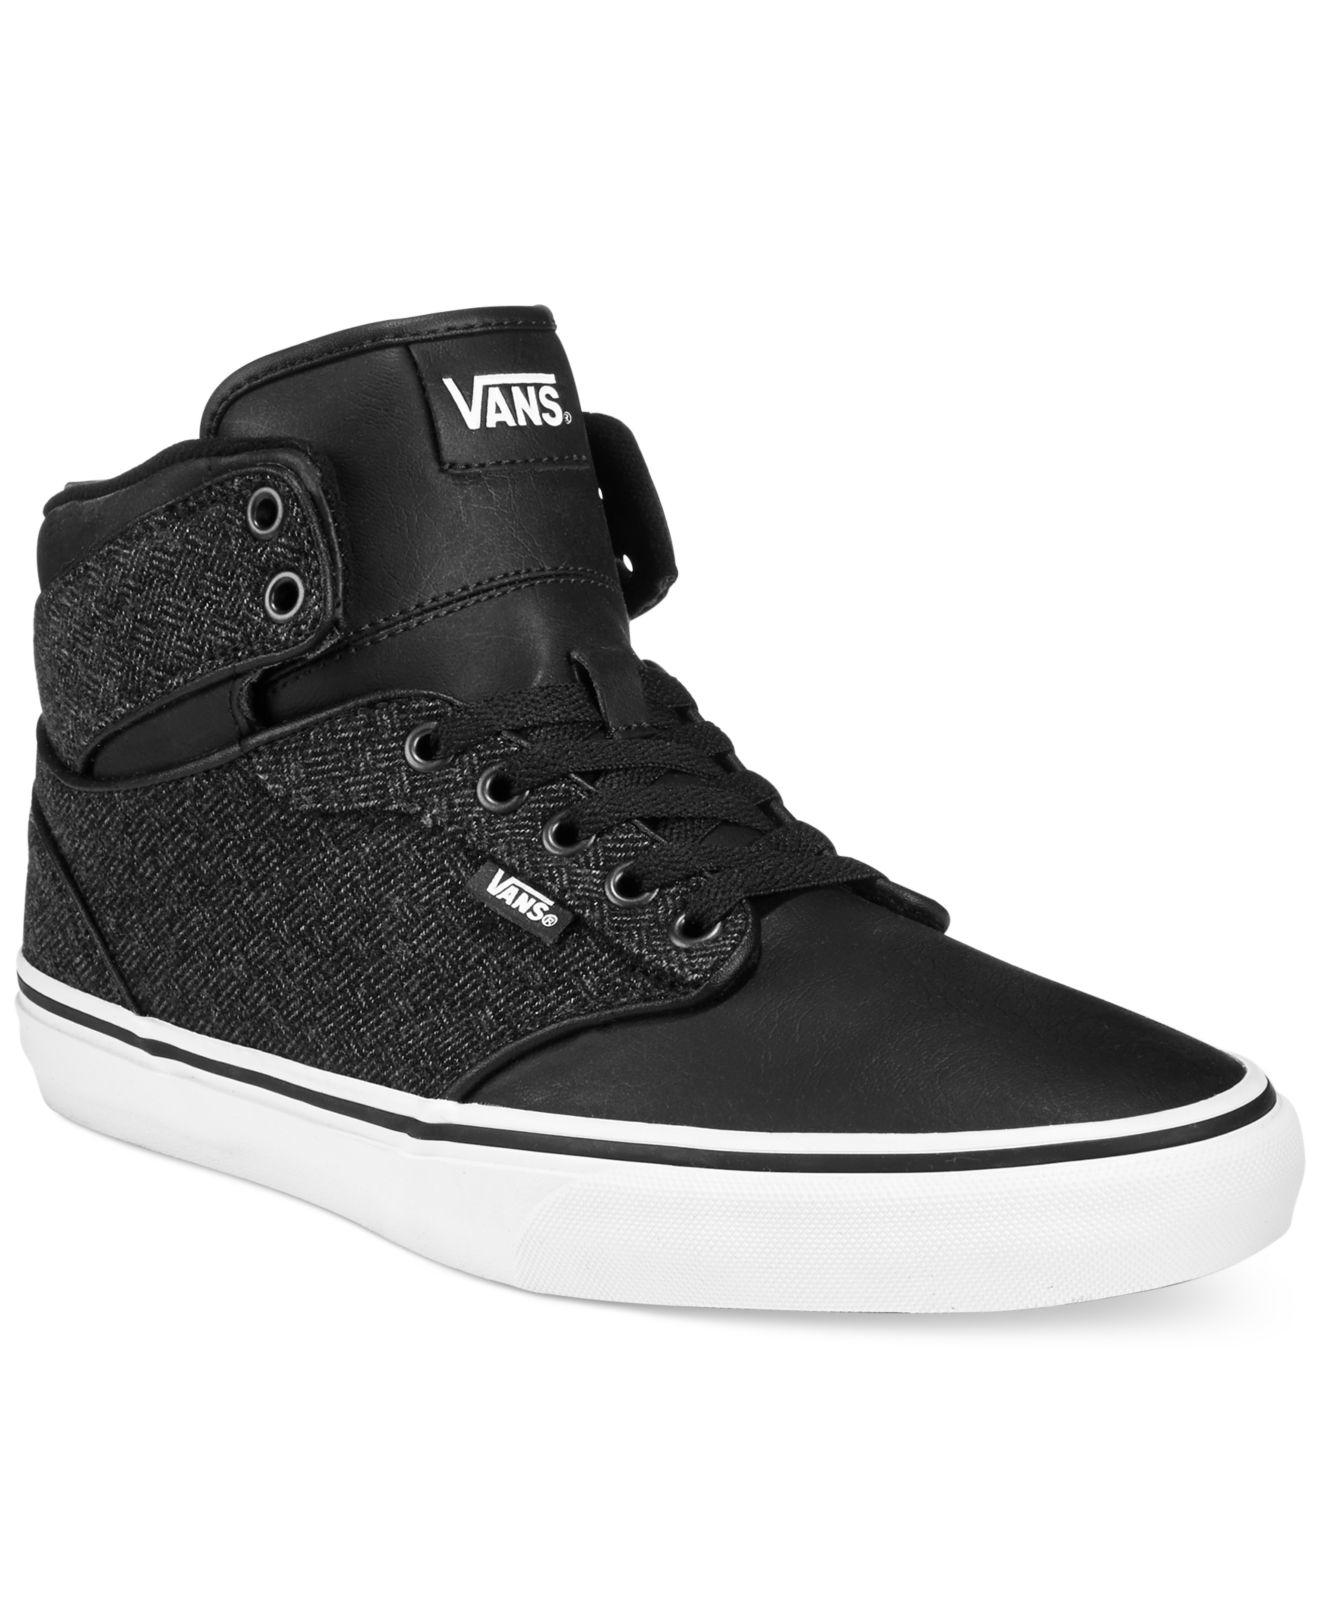 vans atwood grey sneakers